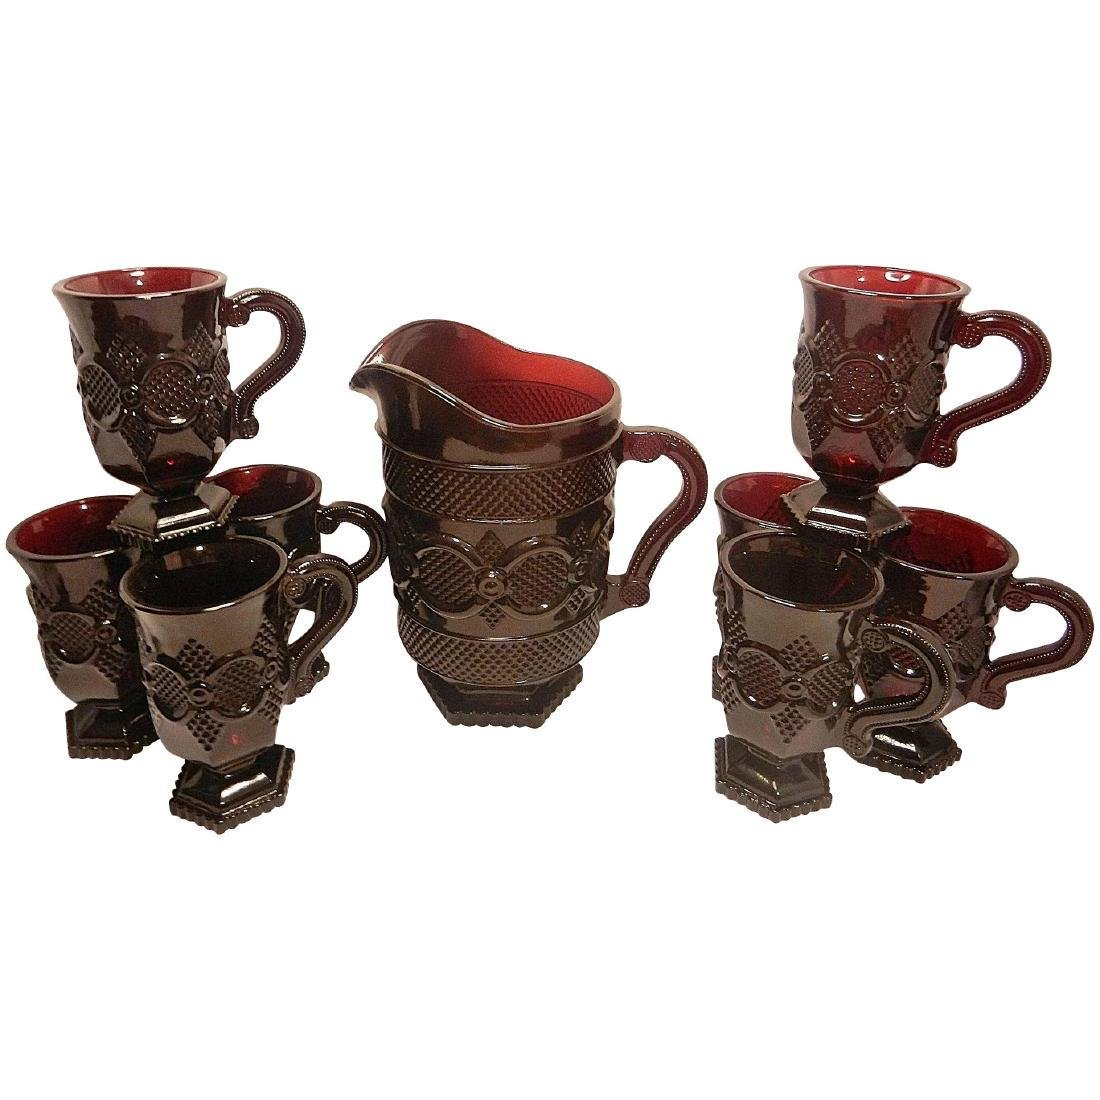 1876 Avon Cape Cod Pattern Ruby Pitcher and Mugs